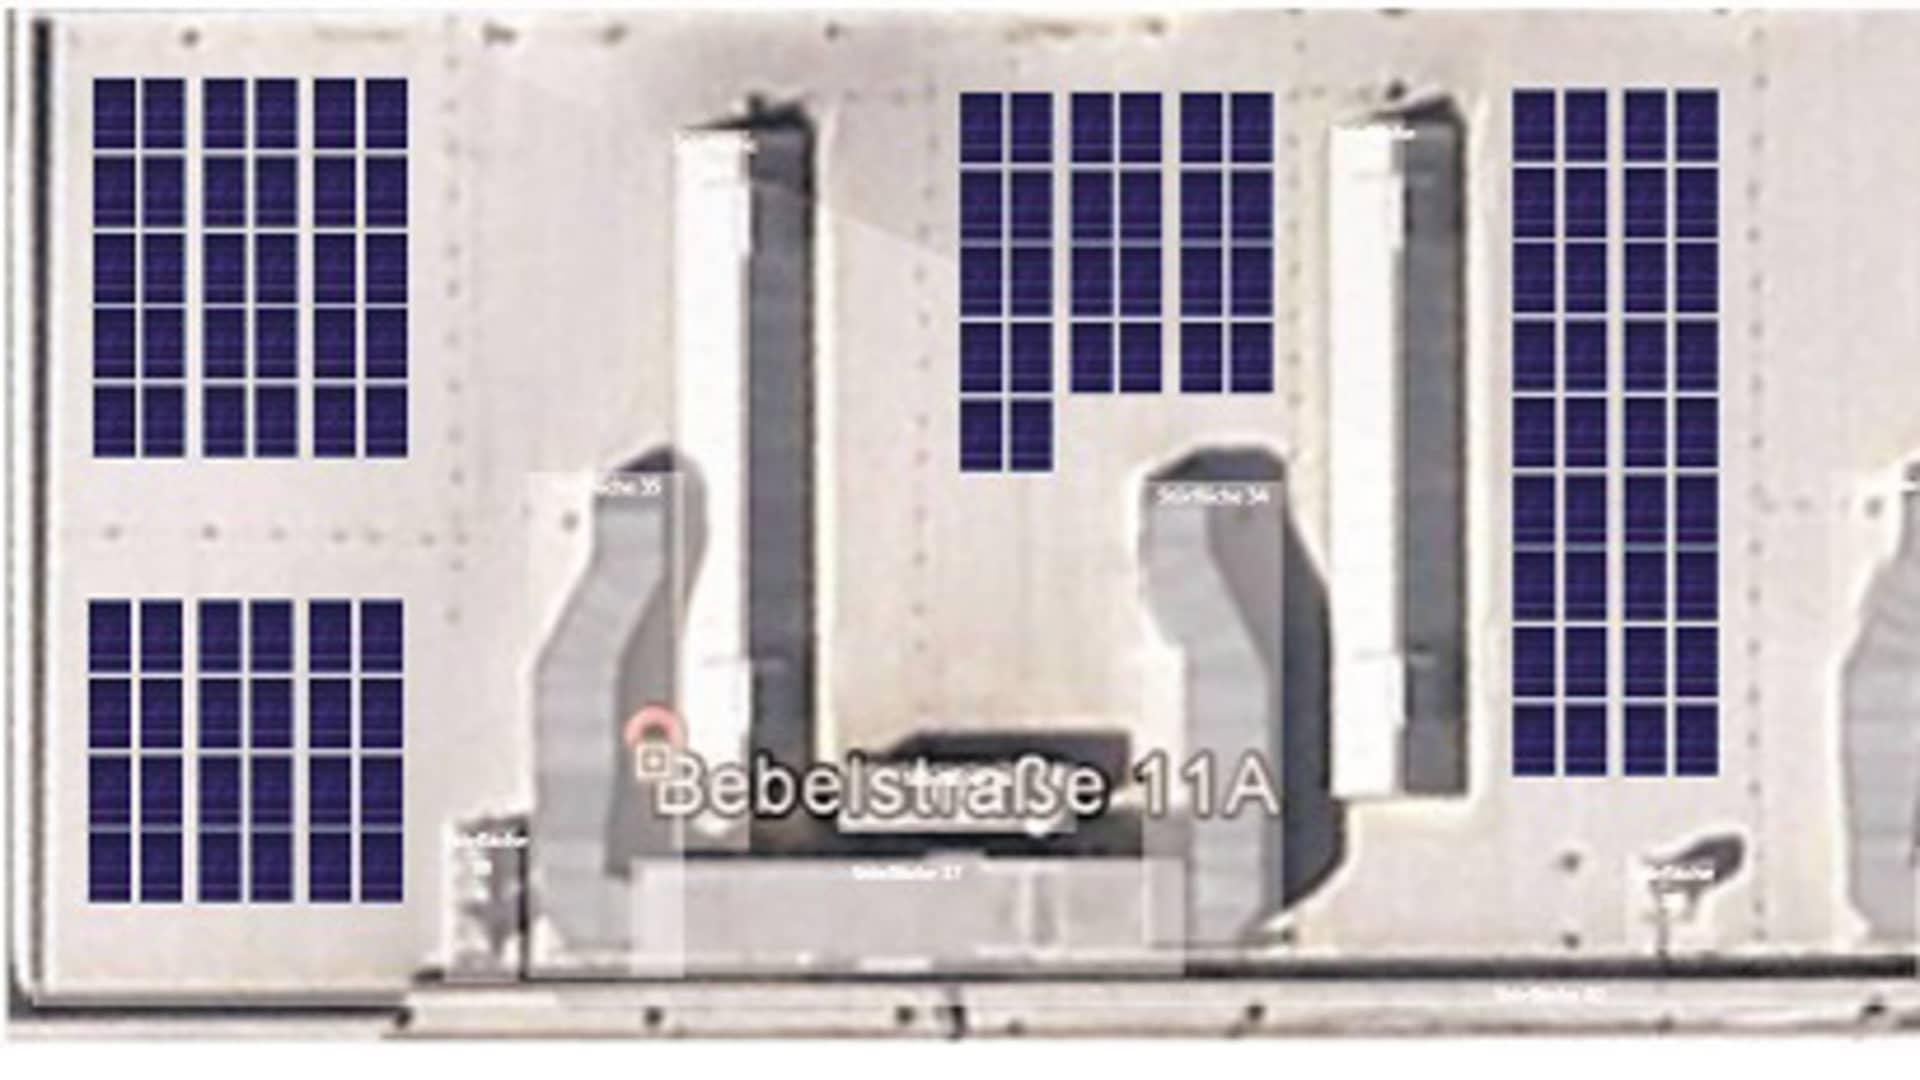 Dachabschnitt PV-Anlage